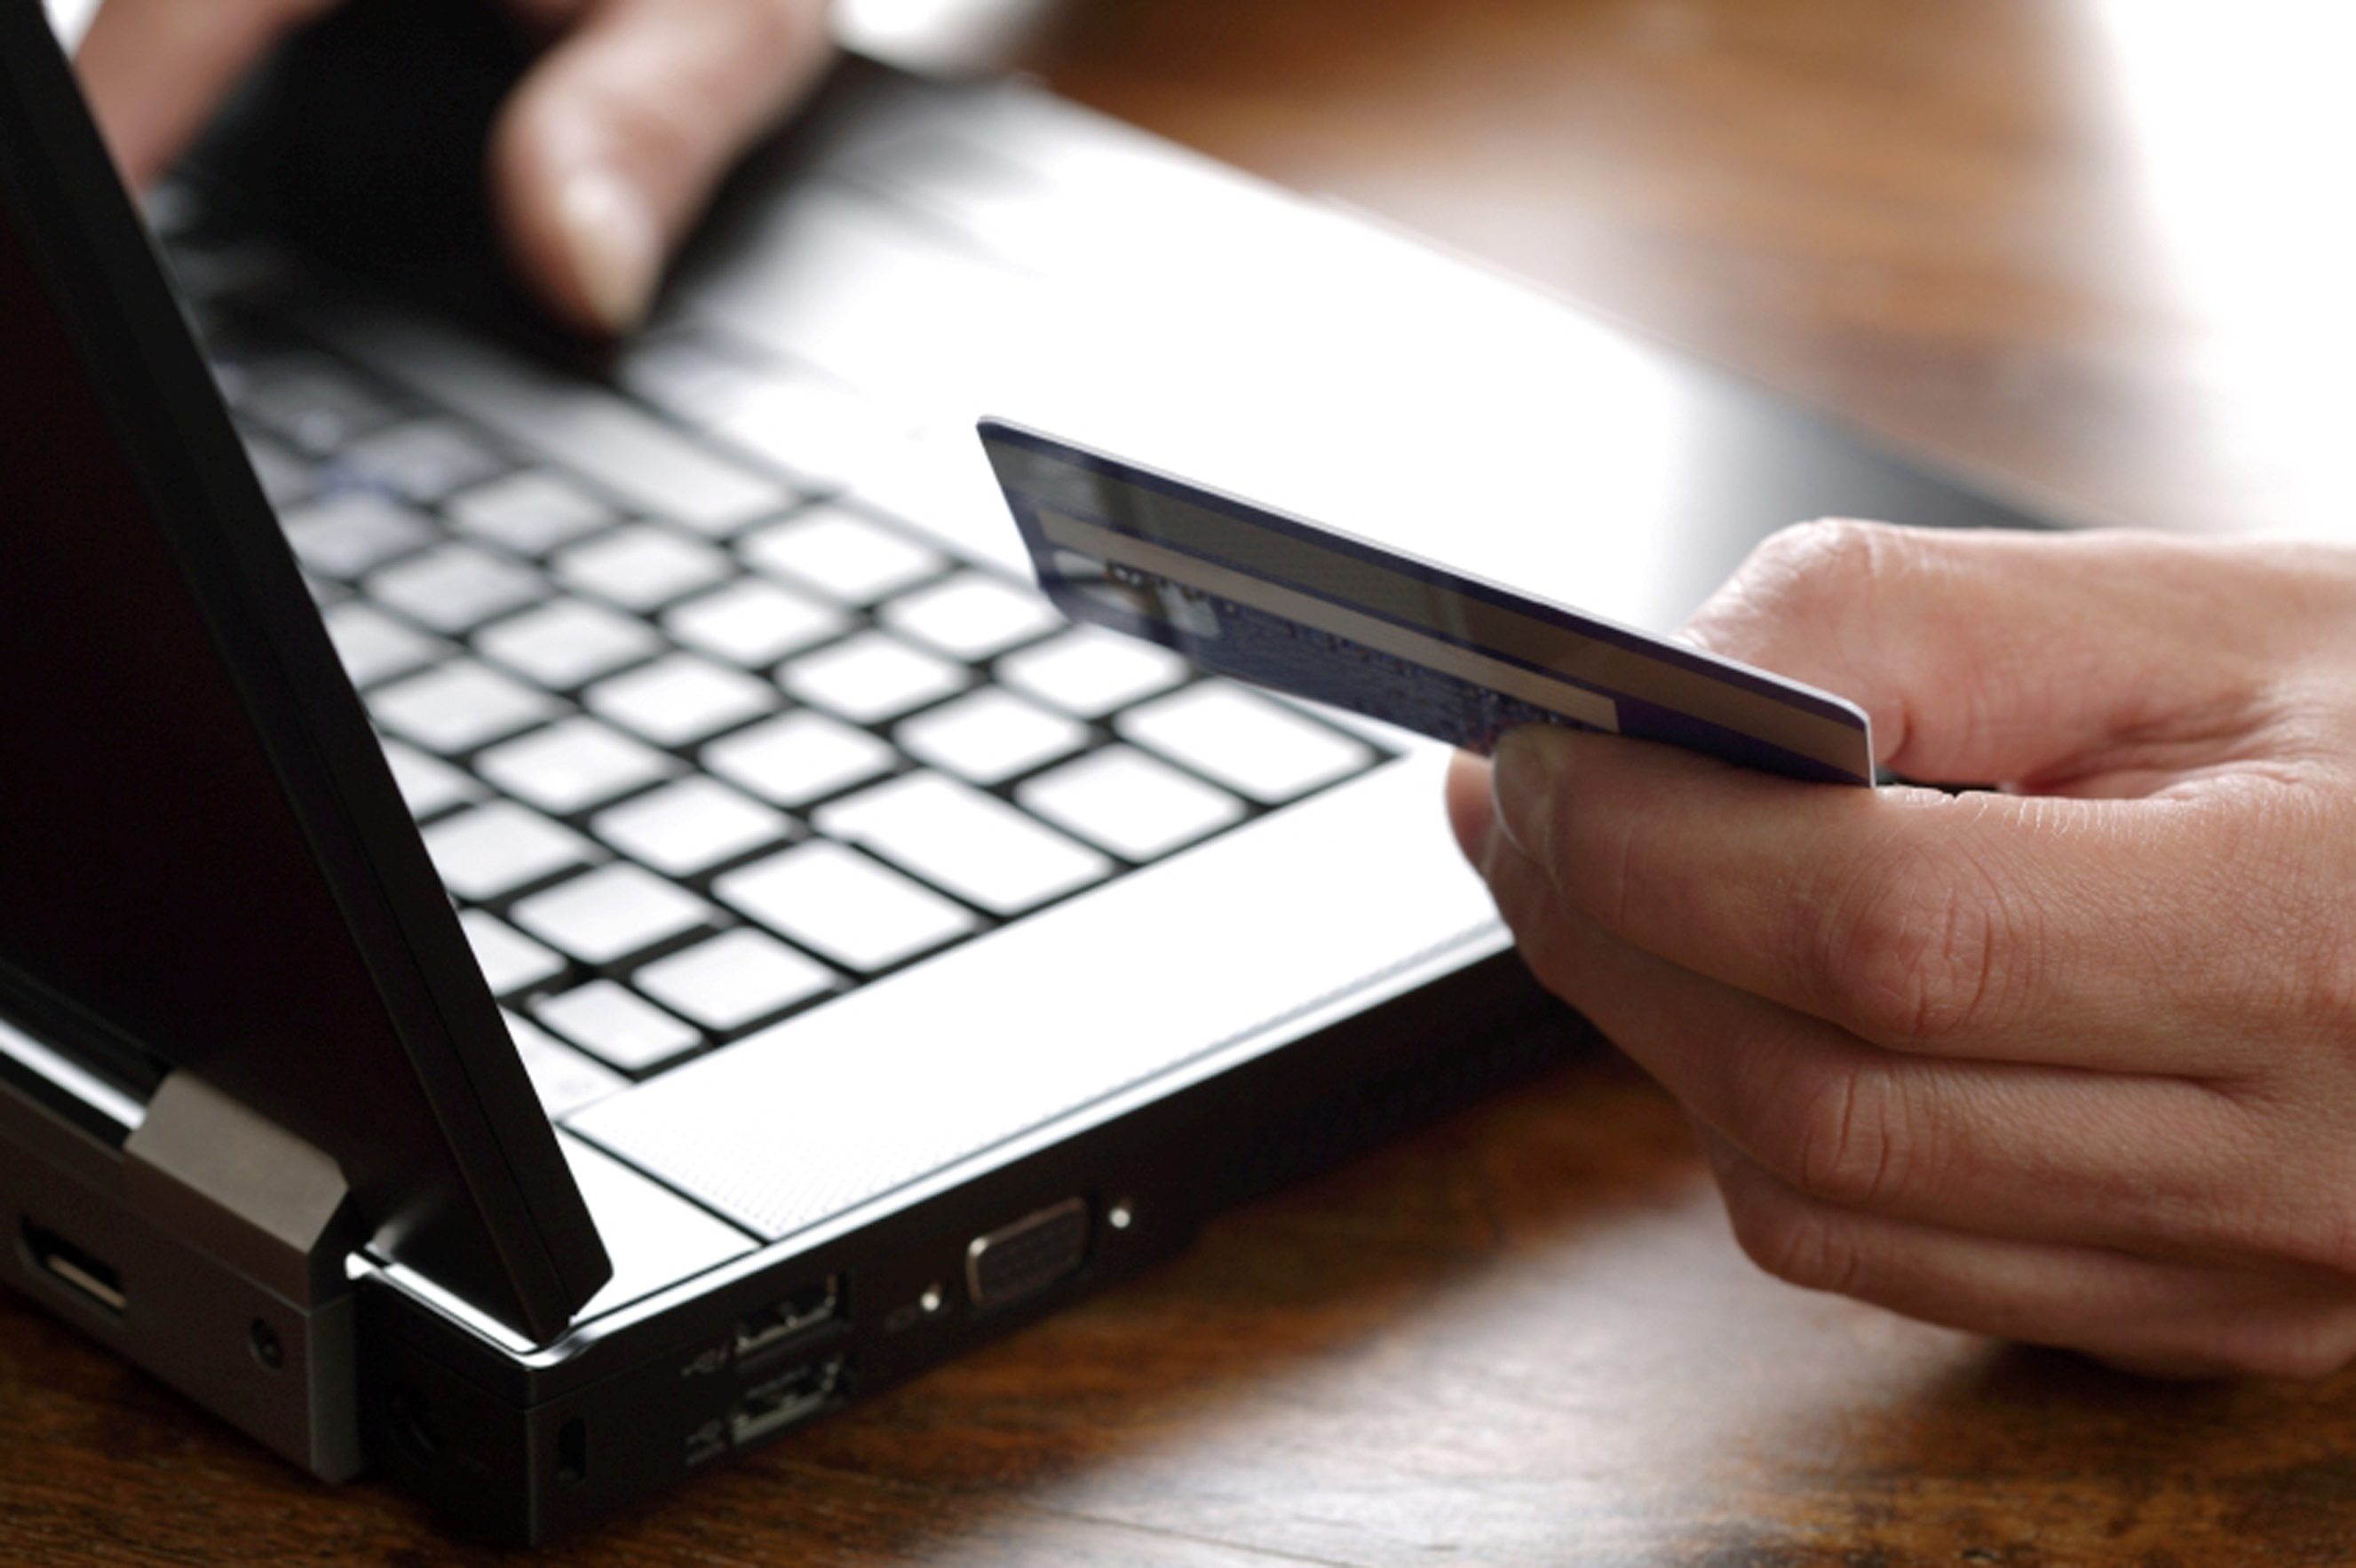 Русфинанс банк заплатить кредит через интернет